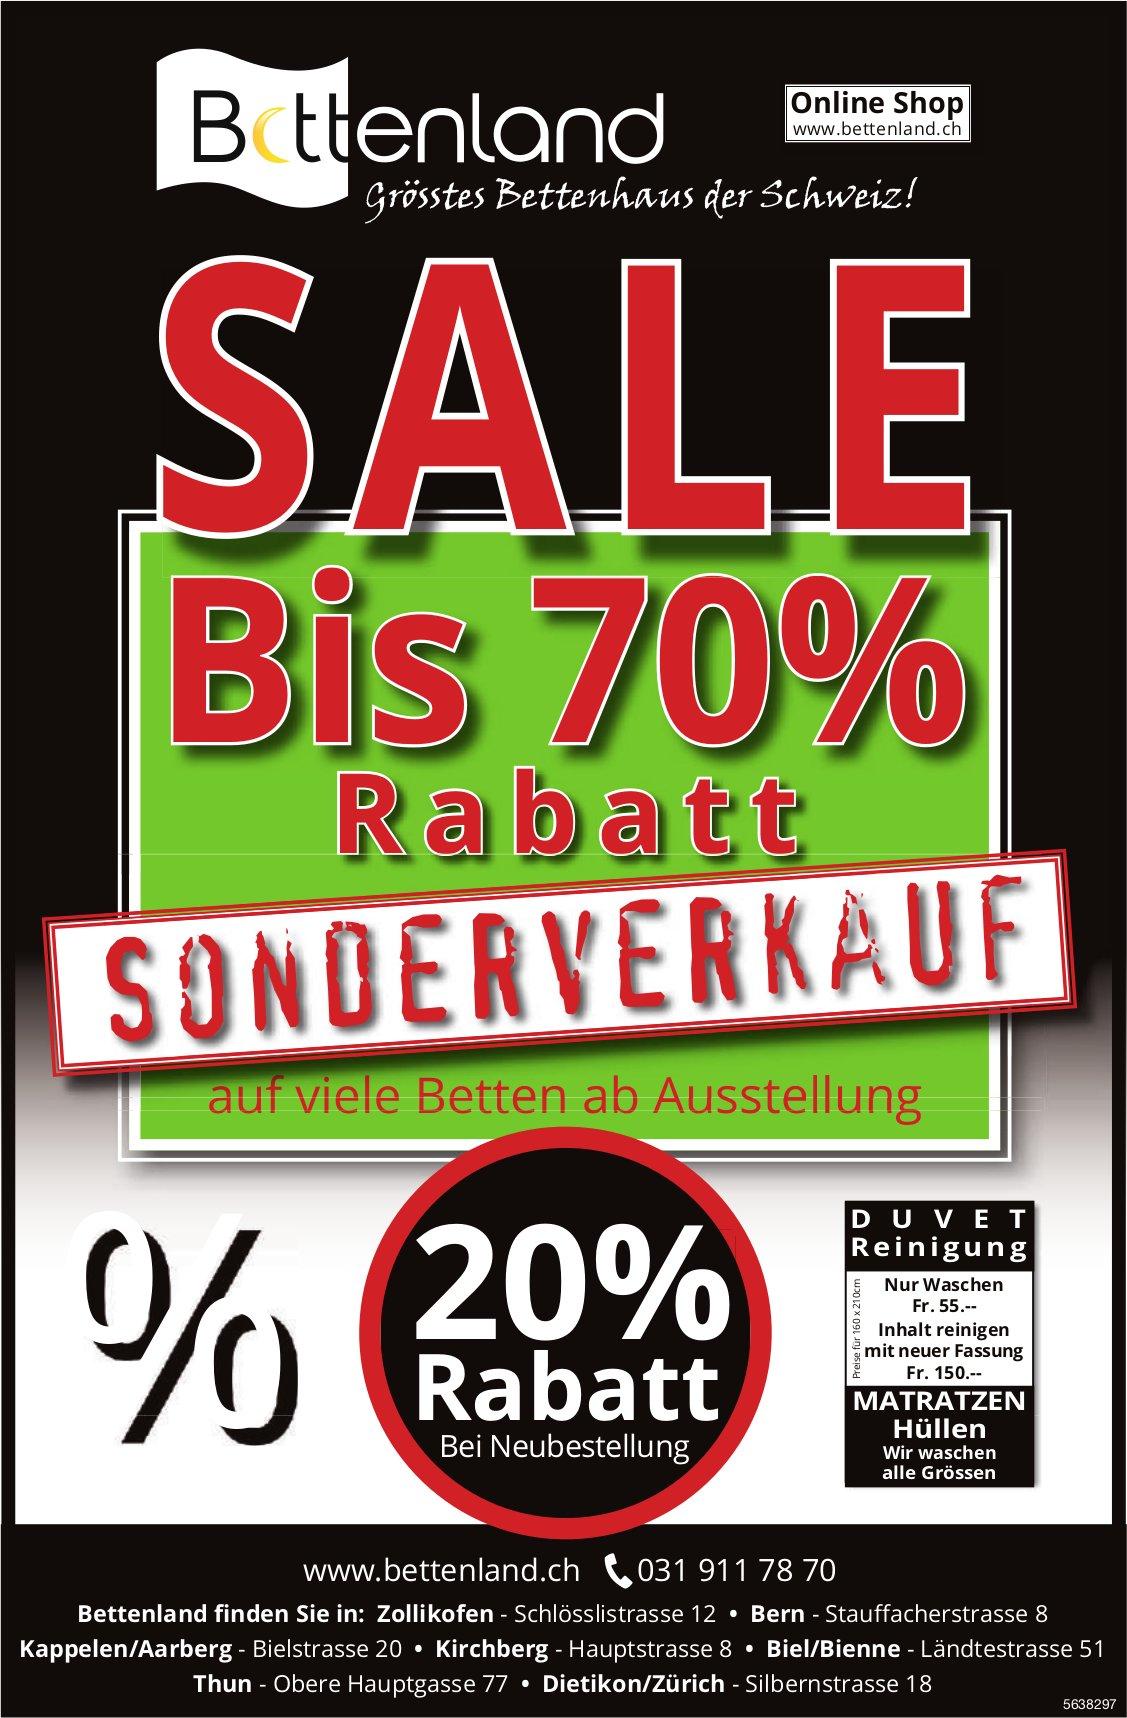 Bettenland - Sale/Sonderverkauf bis 70% Rabatt